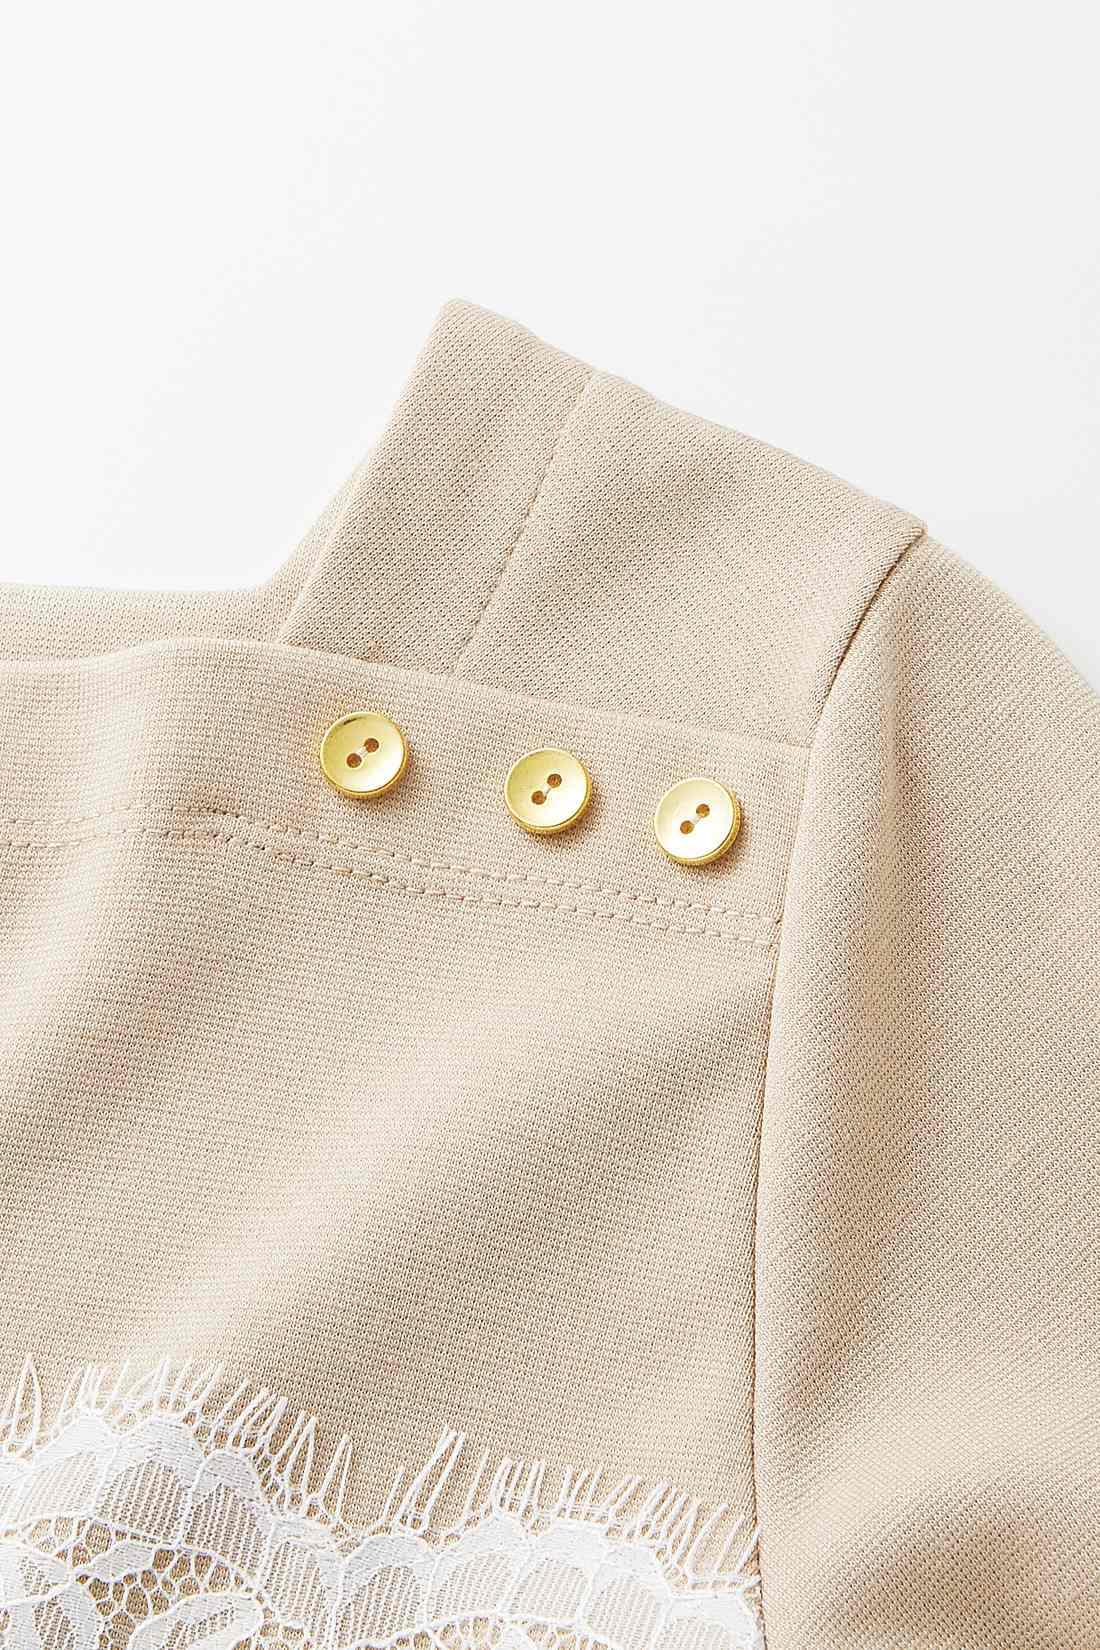 首もとにあしらったボタンがポイント。アクセサリーなしでも華やぎます。 ※お届けするカラーとは異なります。